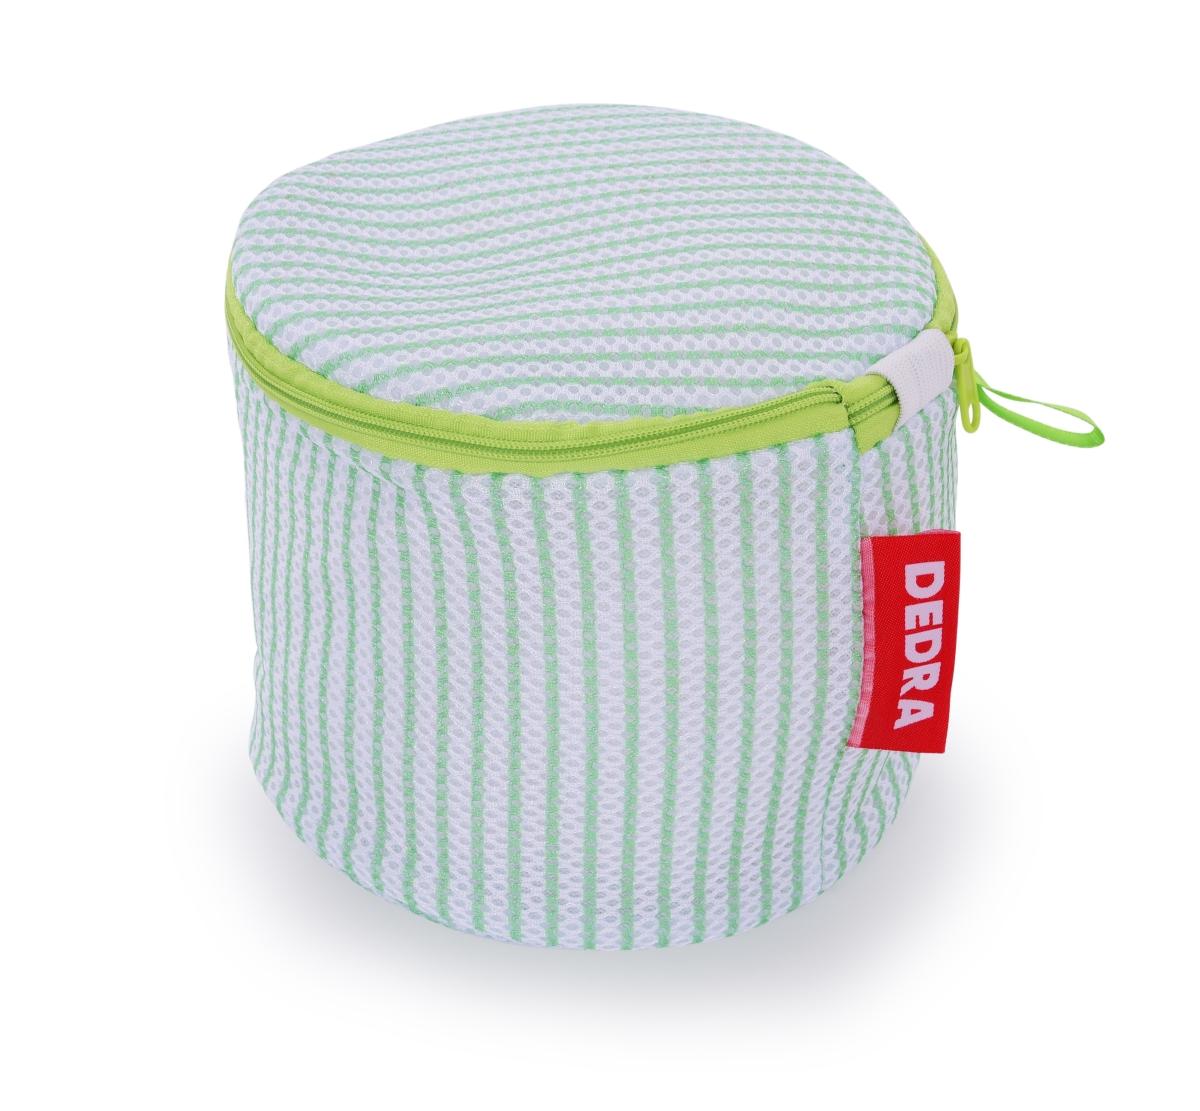 Košíček na praní podprsenek a jemného prádla, sendvičová síťovina průměr 16,5 cm x v 16 cm